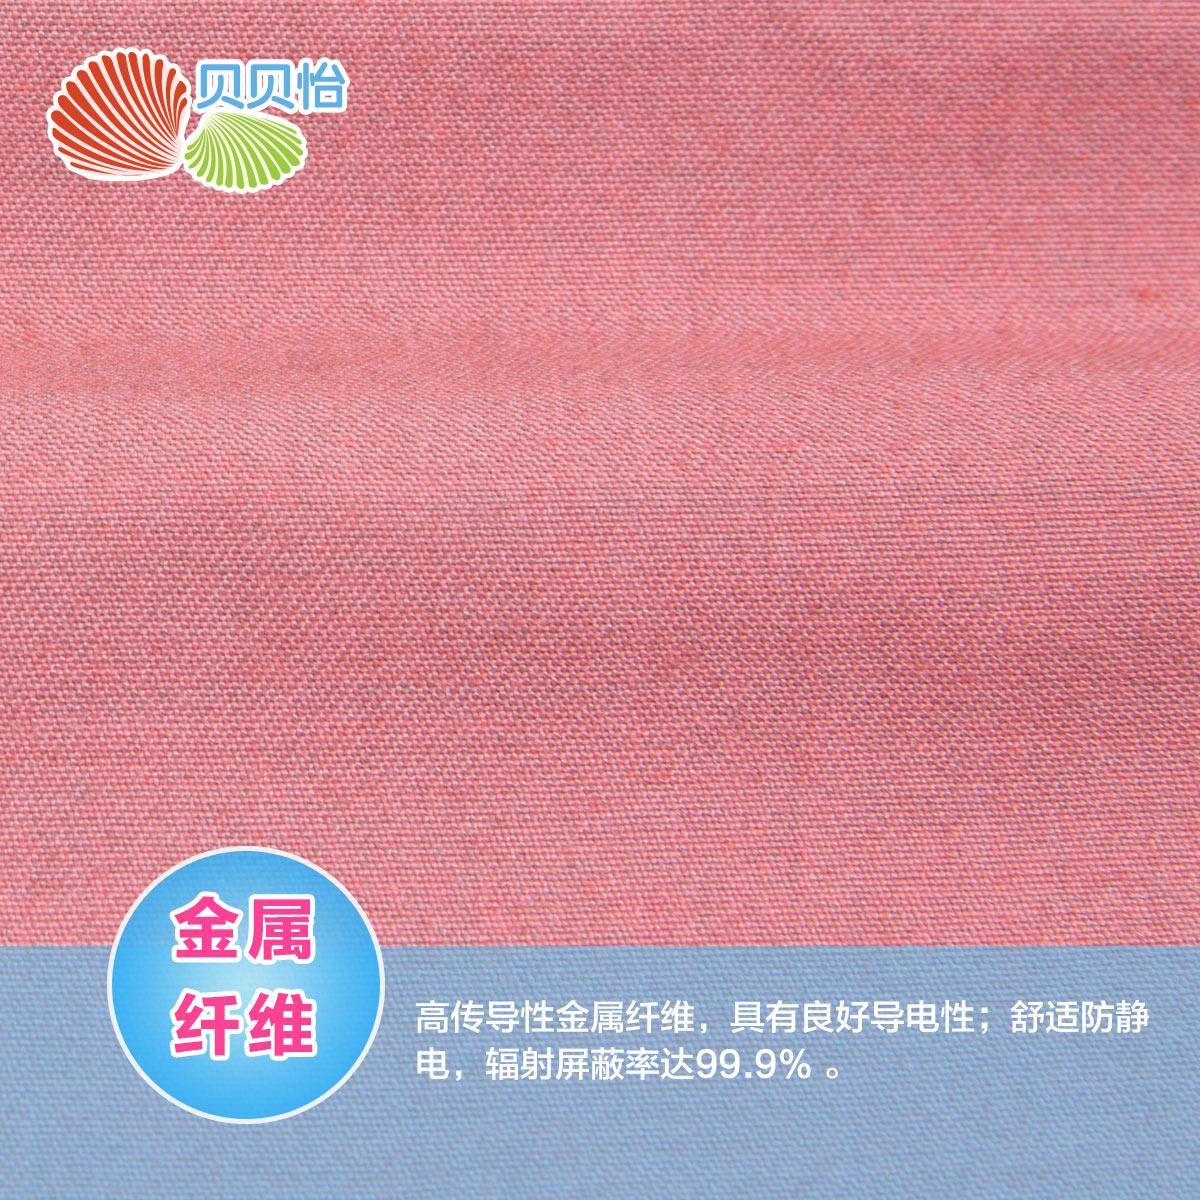 贝贝怡孕妇装防辐射服电磁波电脑可调节拉扣透气孕妈围裙163Y069